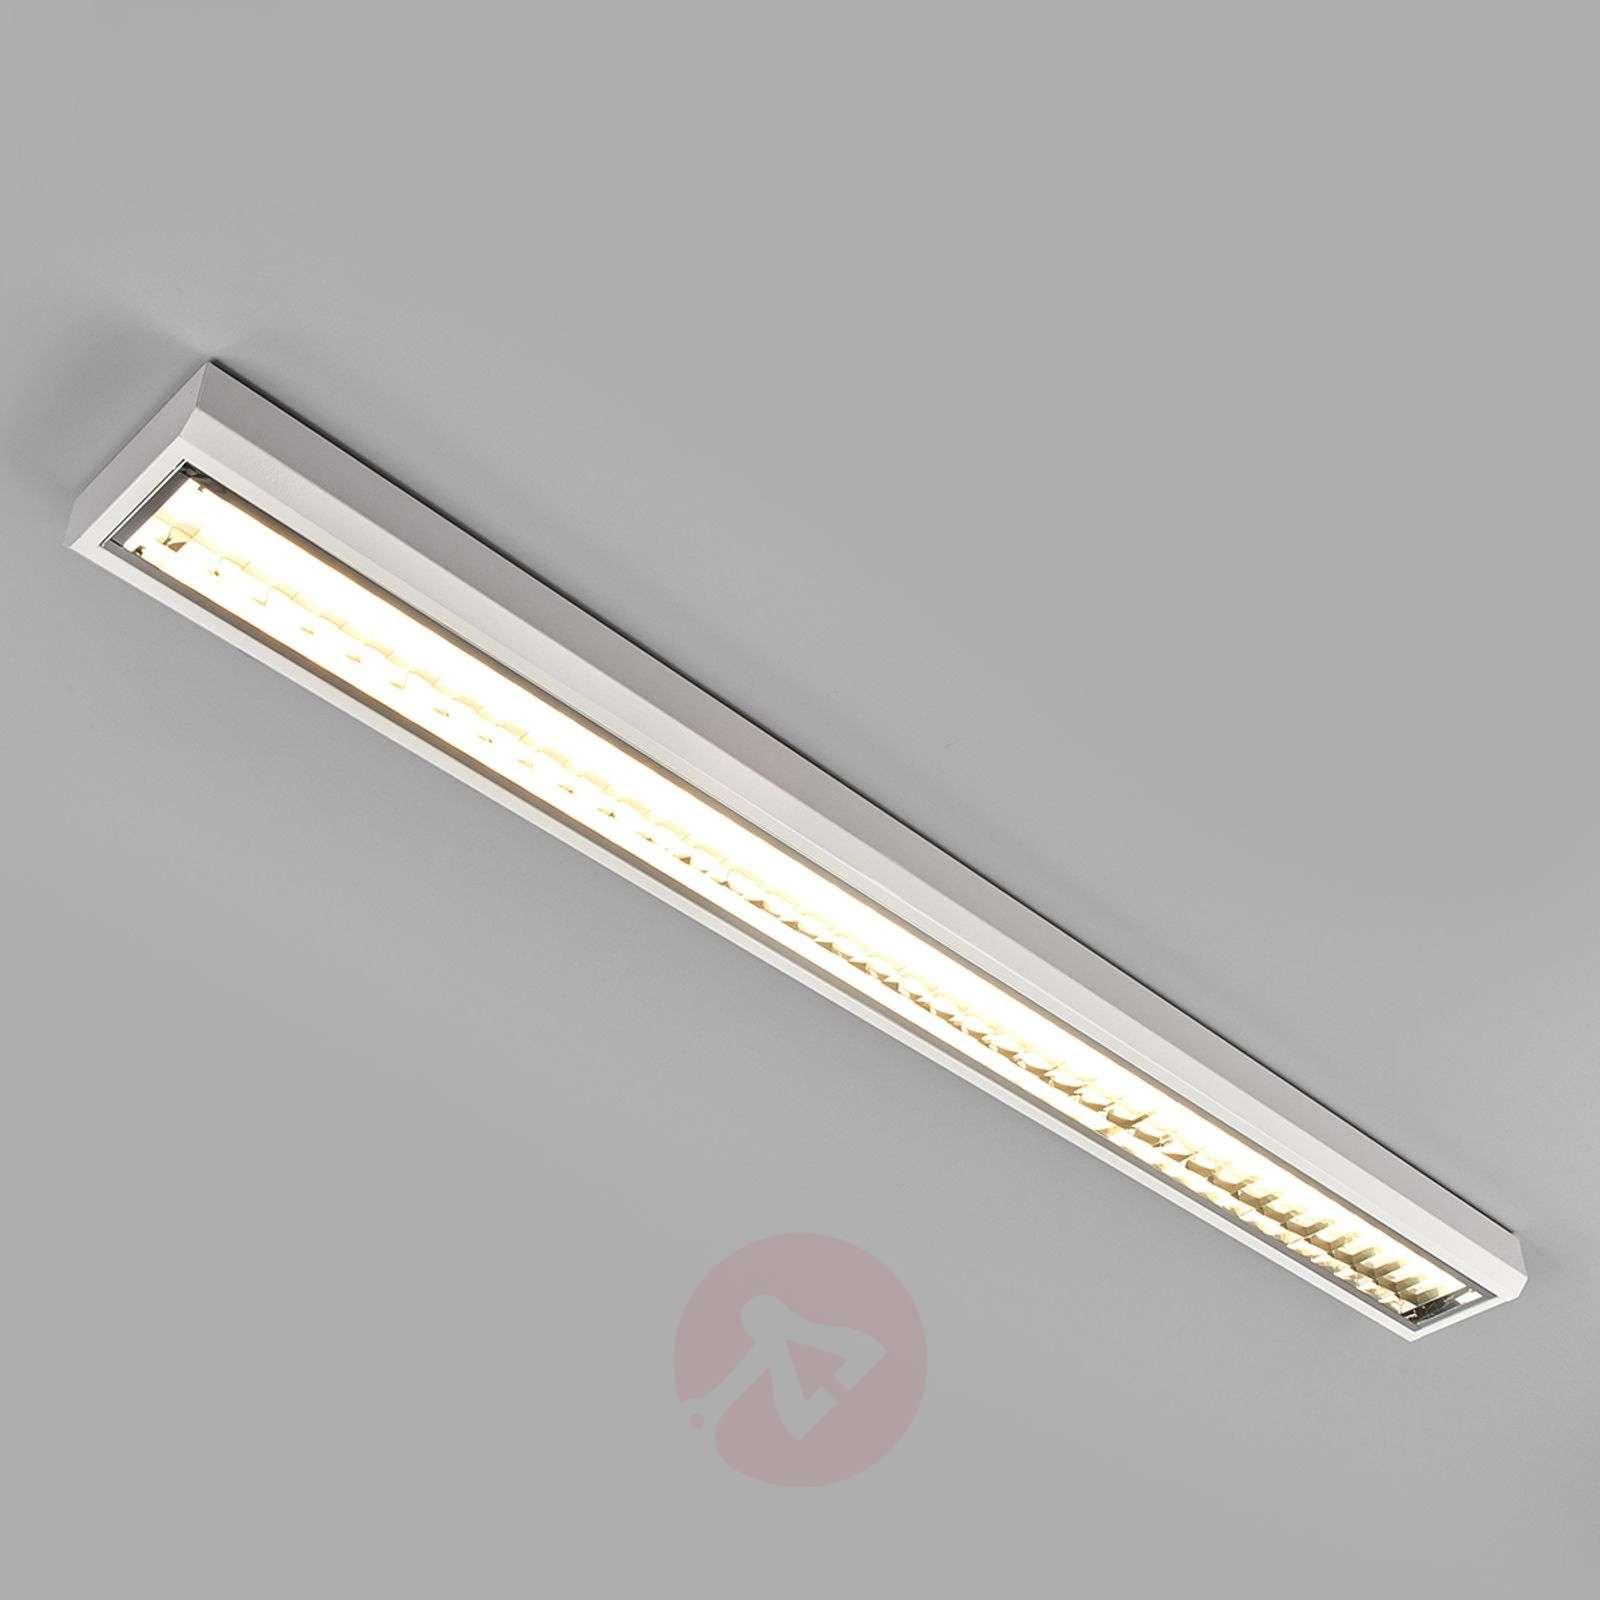 LED-rasterivalaisin toimistoihin, 33 W, 4000 K-3002146-01